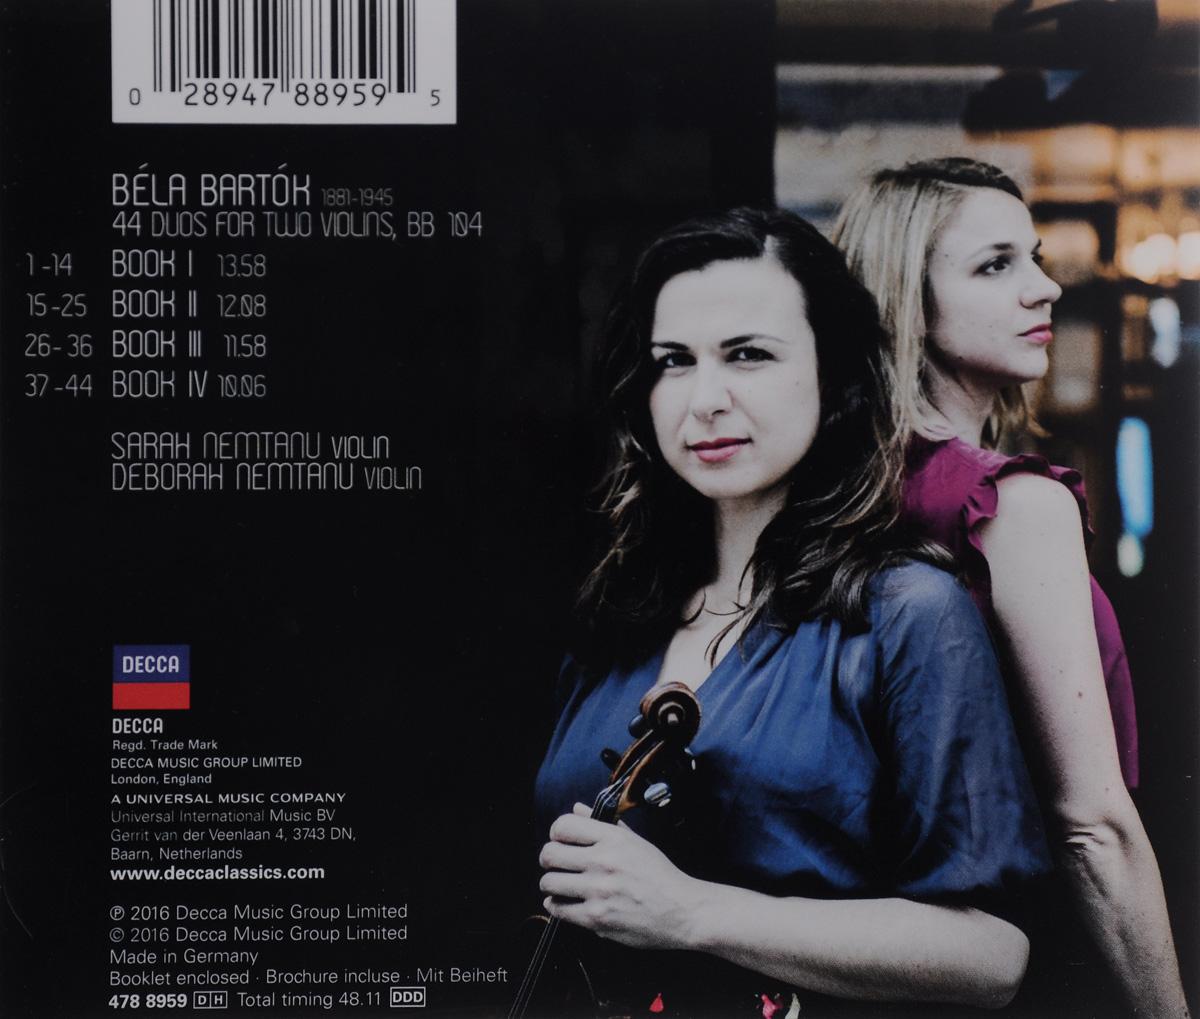 Sarah Nemtanu.  Deborah Nemtanu.  Bartok.  44 Duos For Two Violins ООО